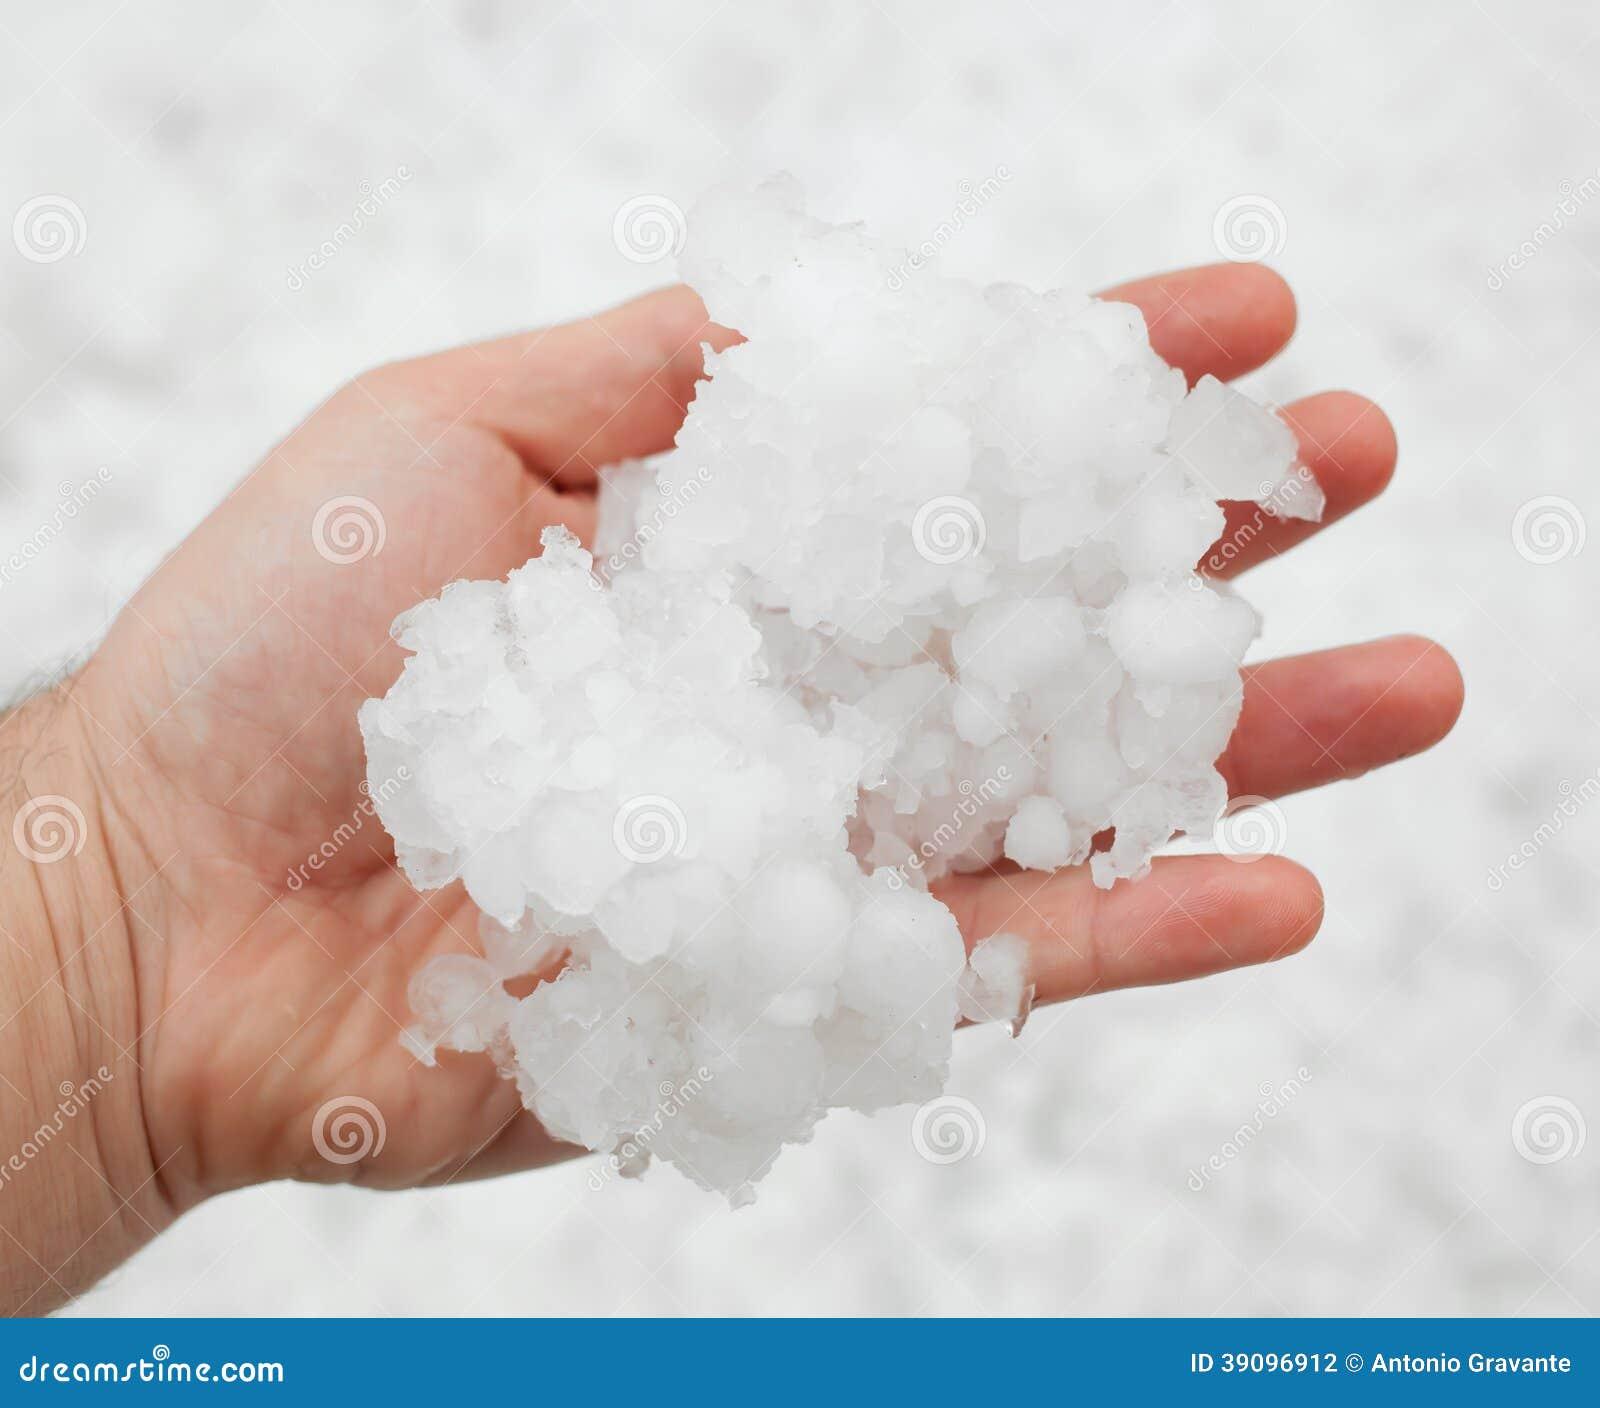 Hailstorm in de hand